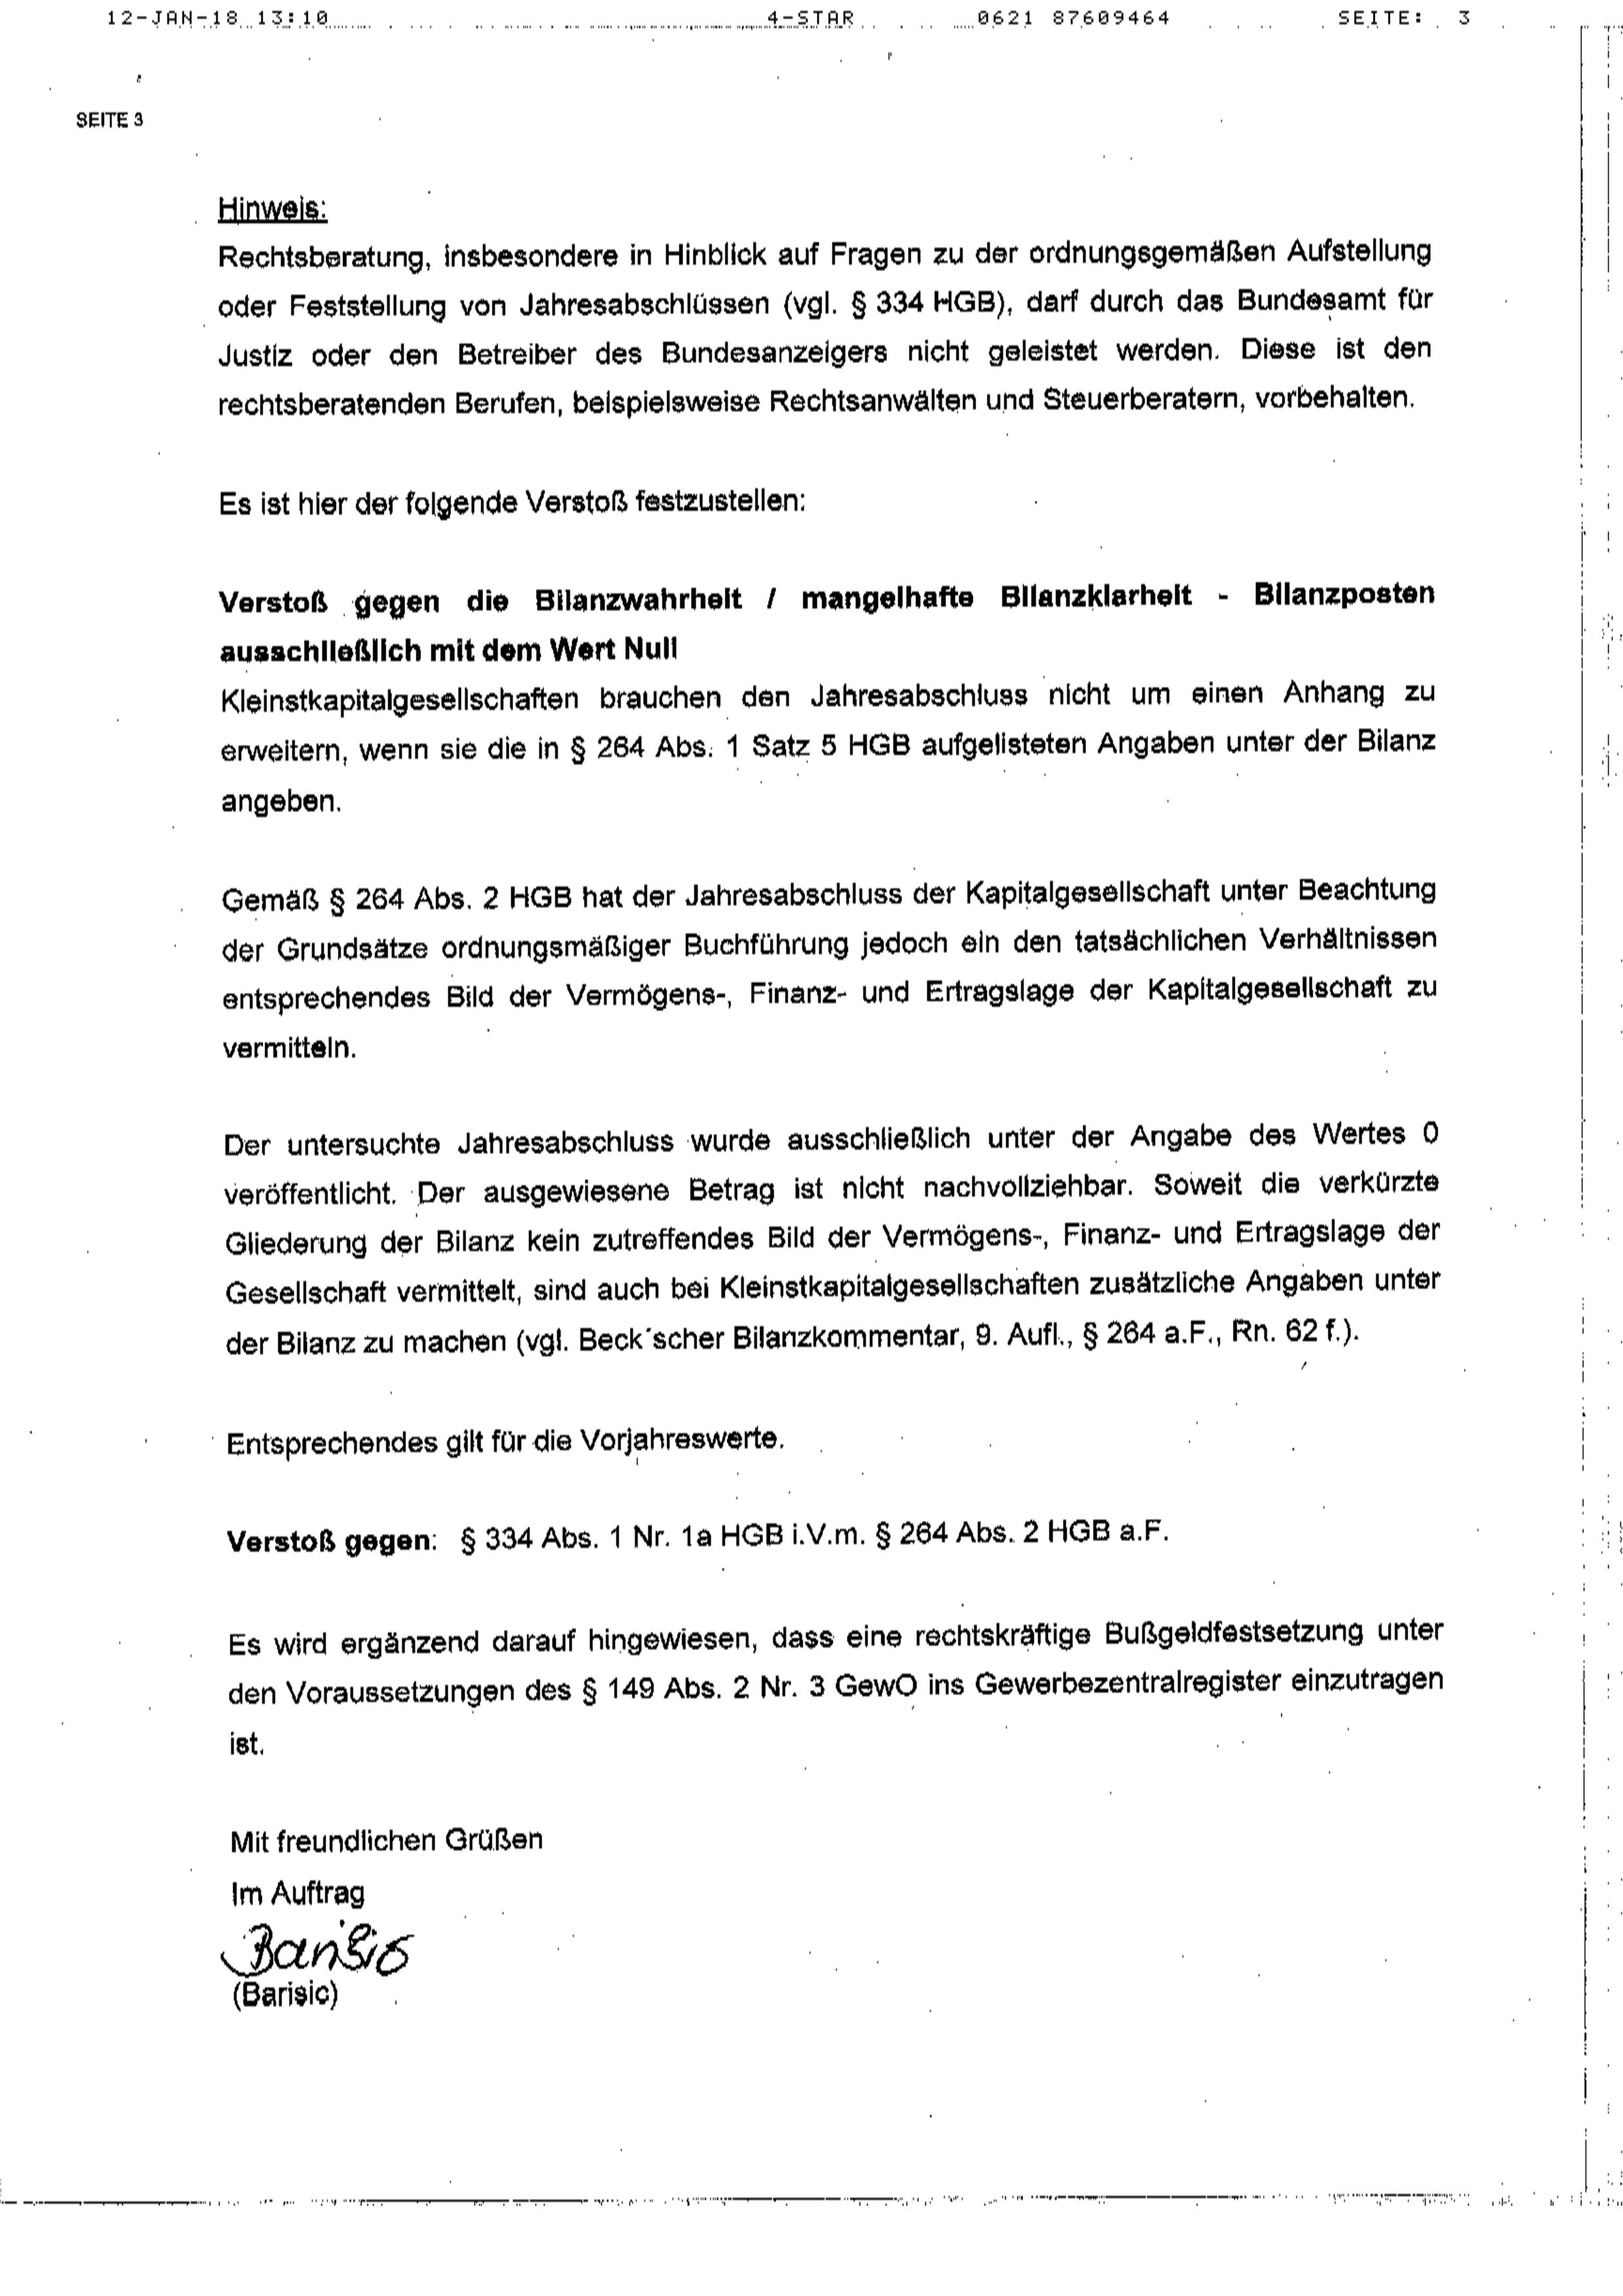 2018-01-05 - Schreiben Bundesamt wg. Strafeinleitung-page3